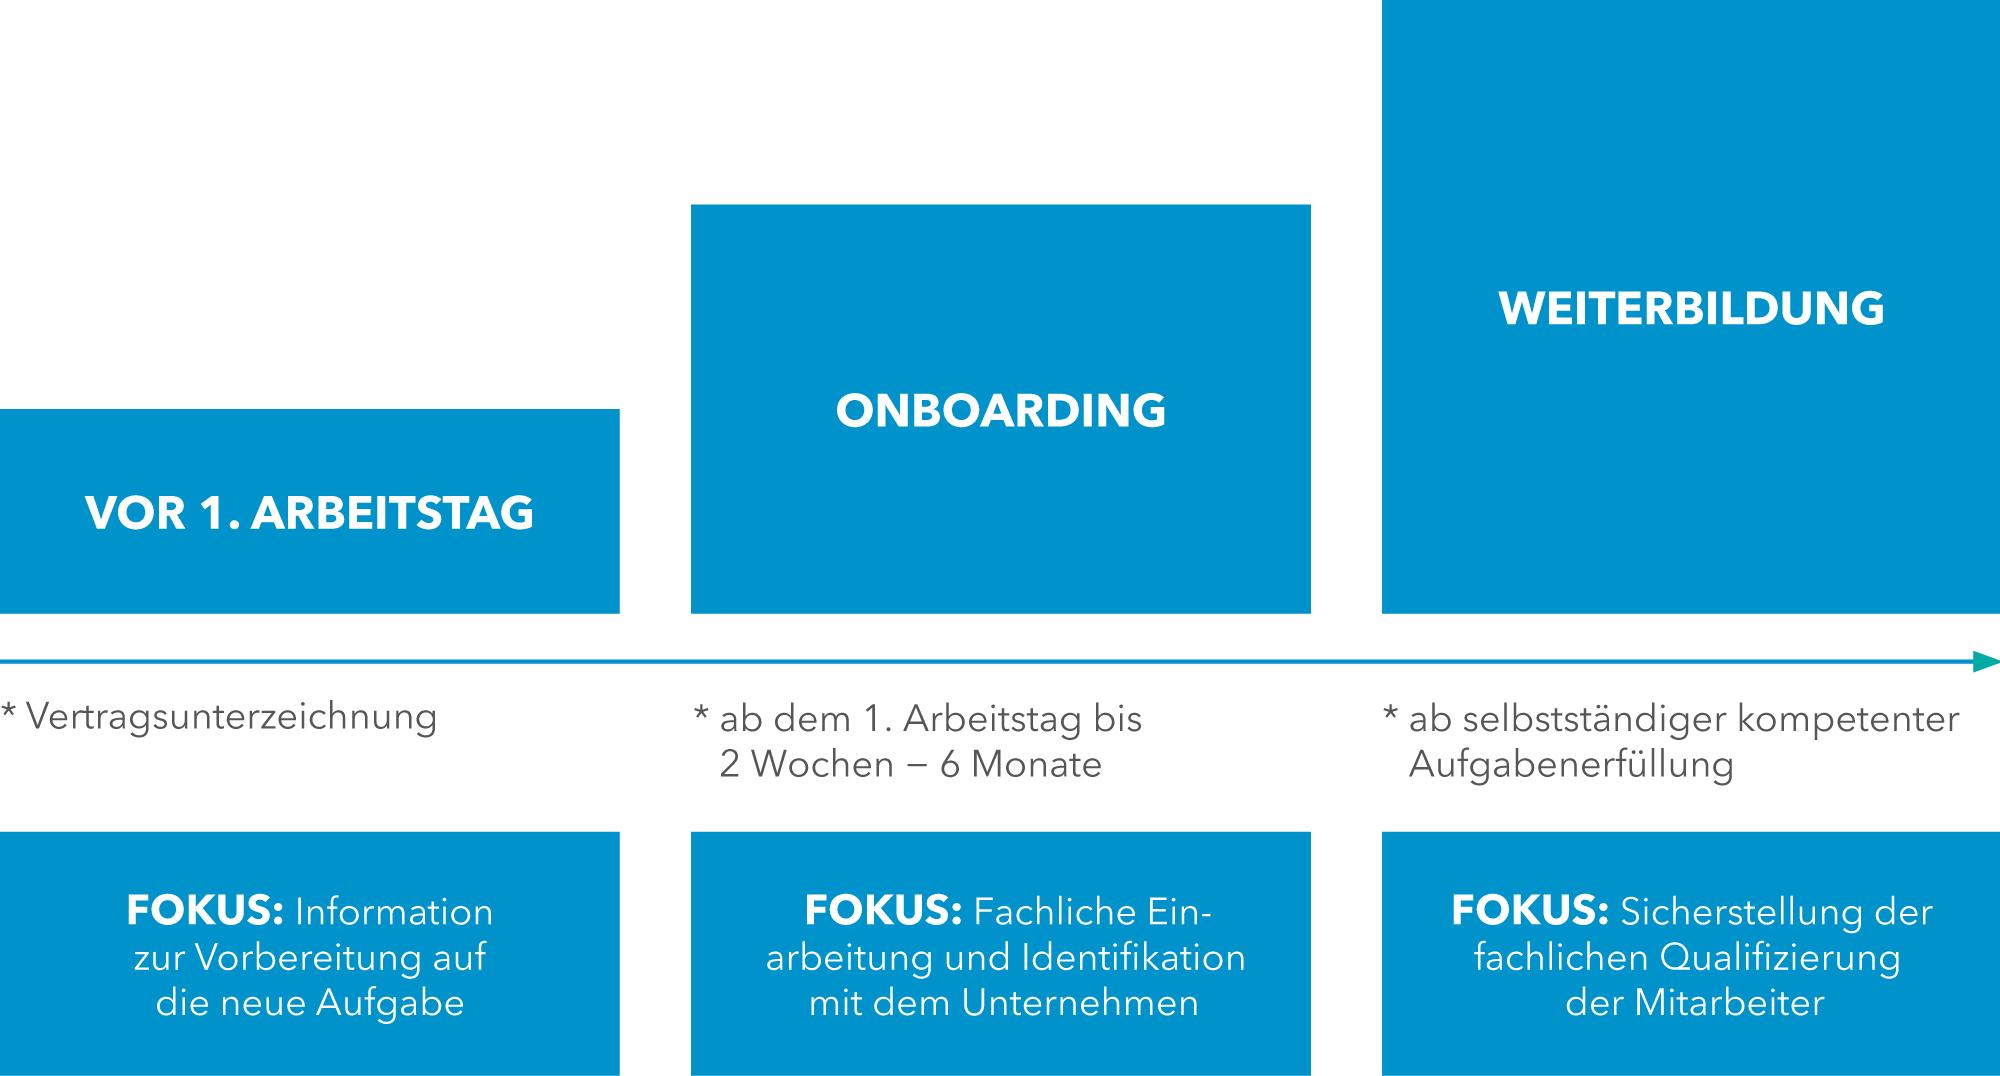 Der Onboarding-Prozess mit WBI